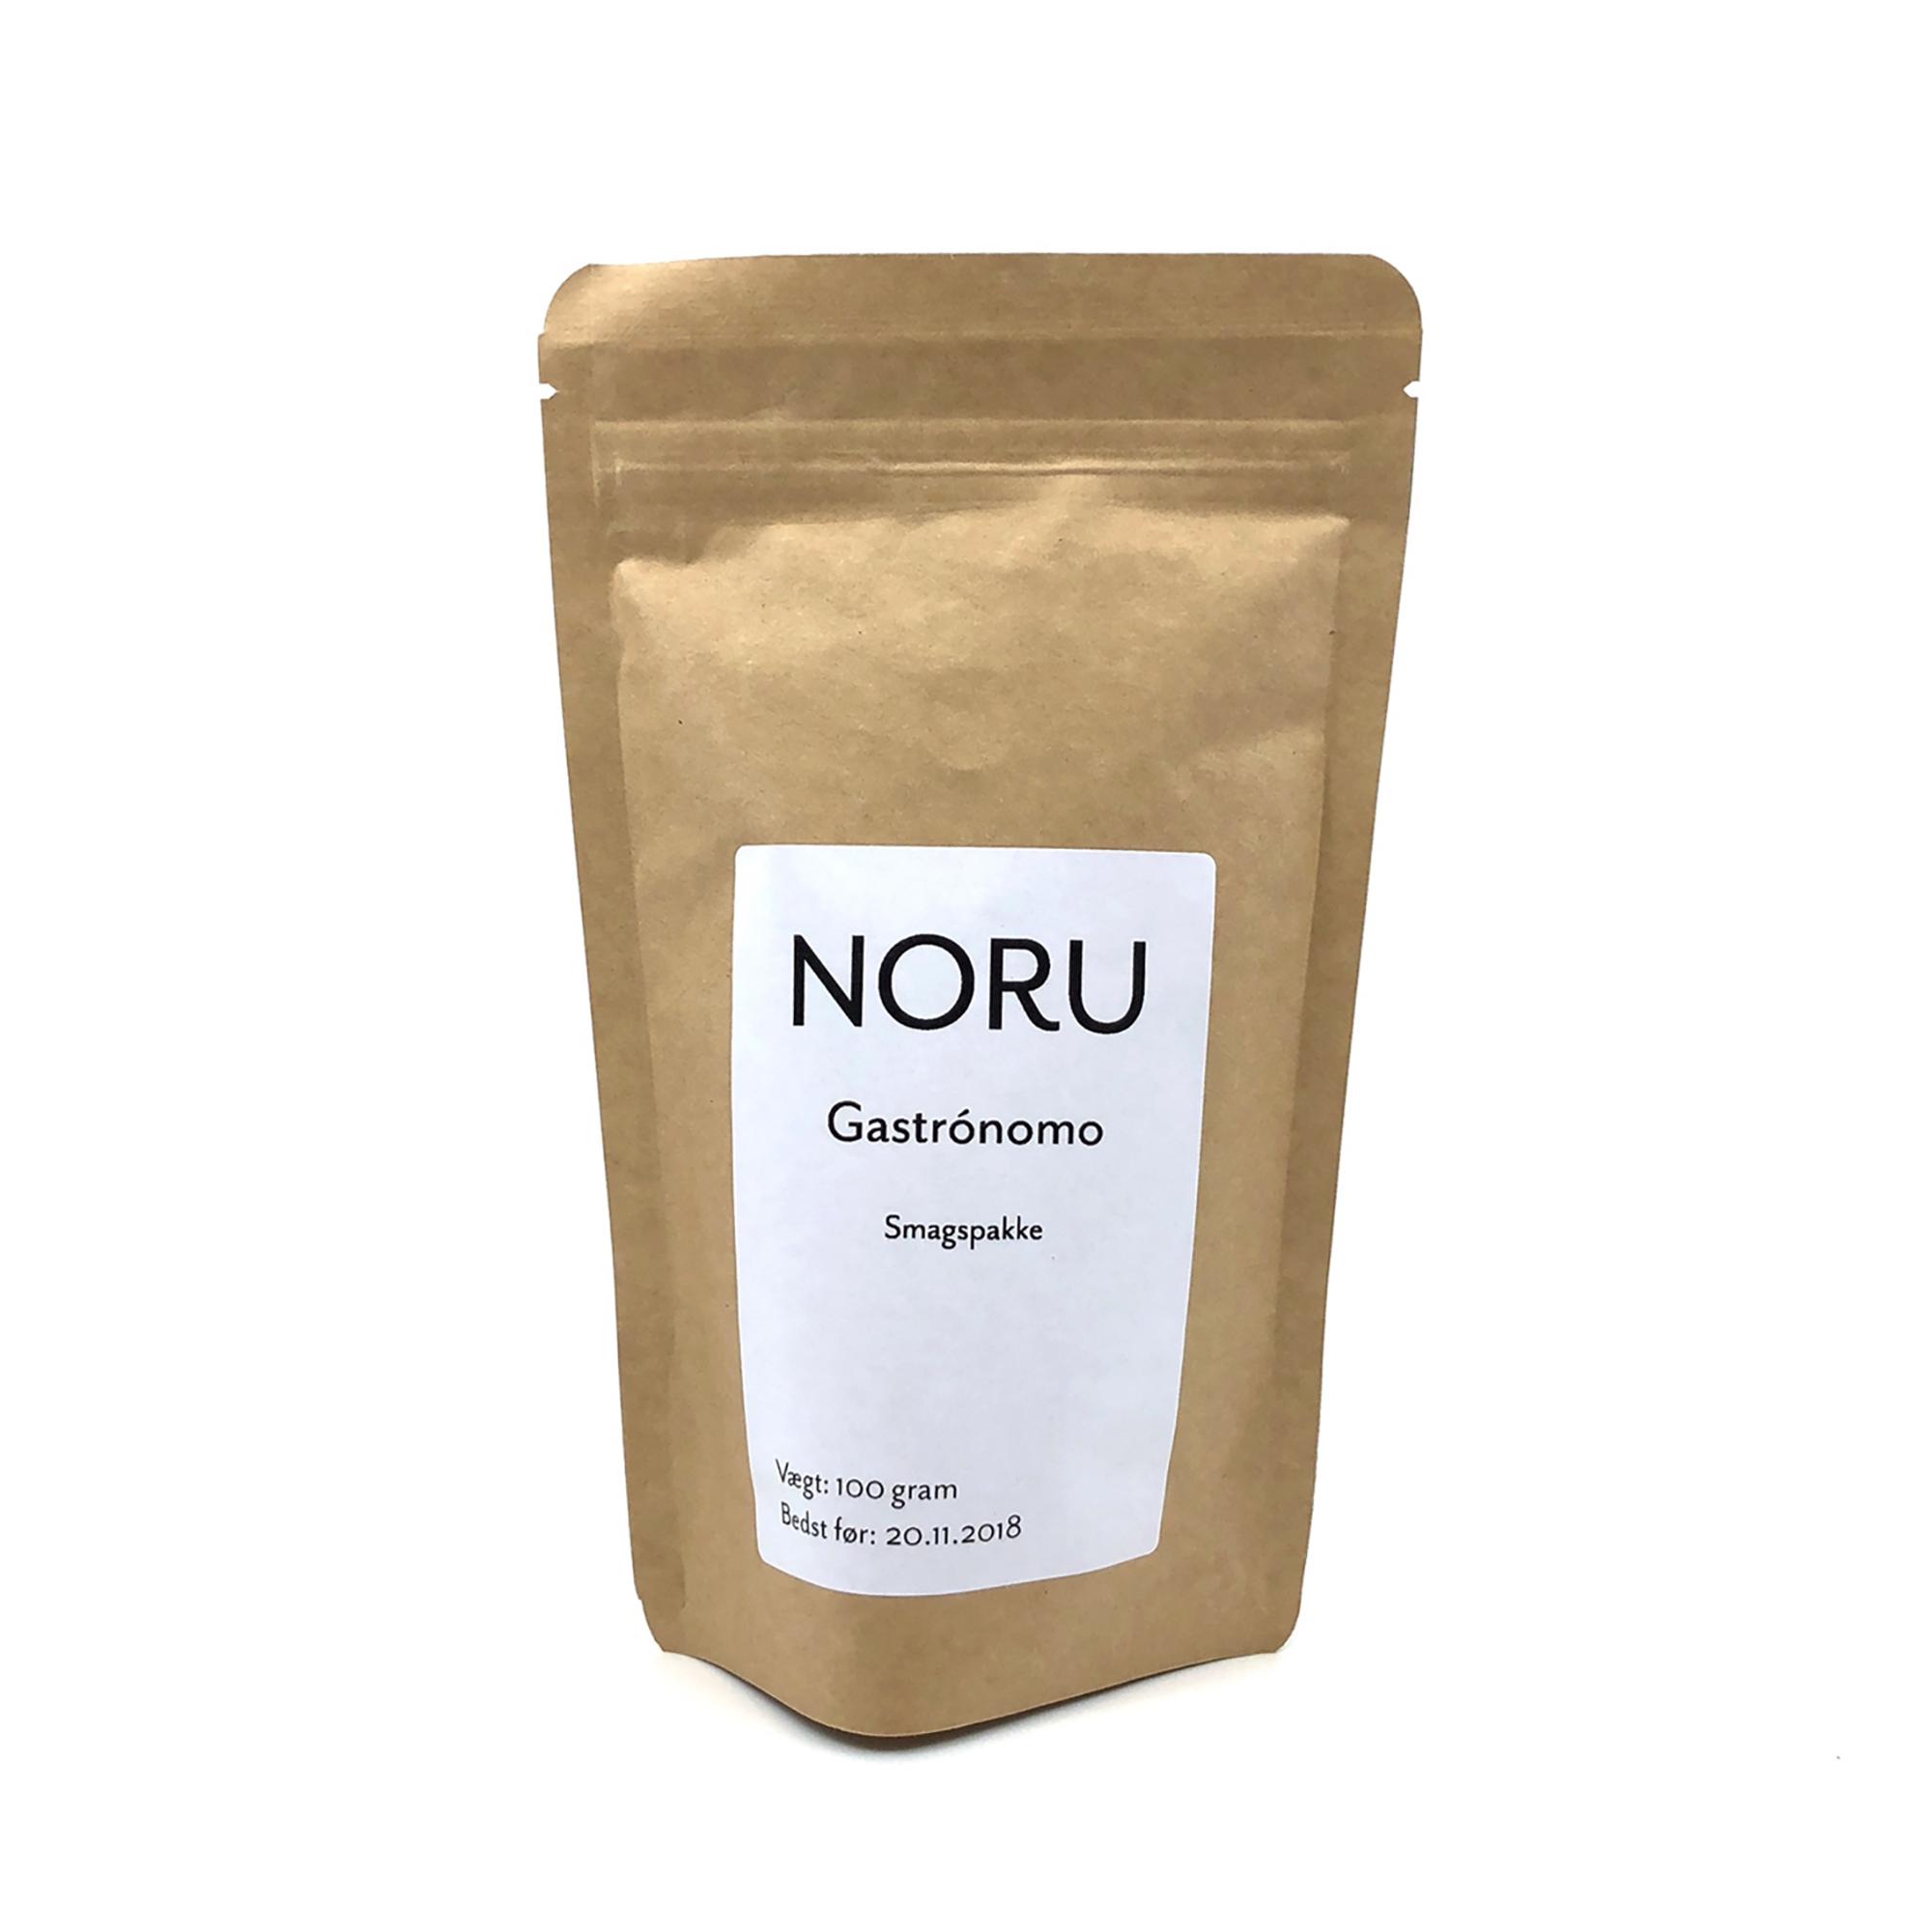 Billede af NORU, Gastrónomo - smagsprøve